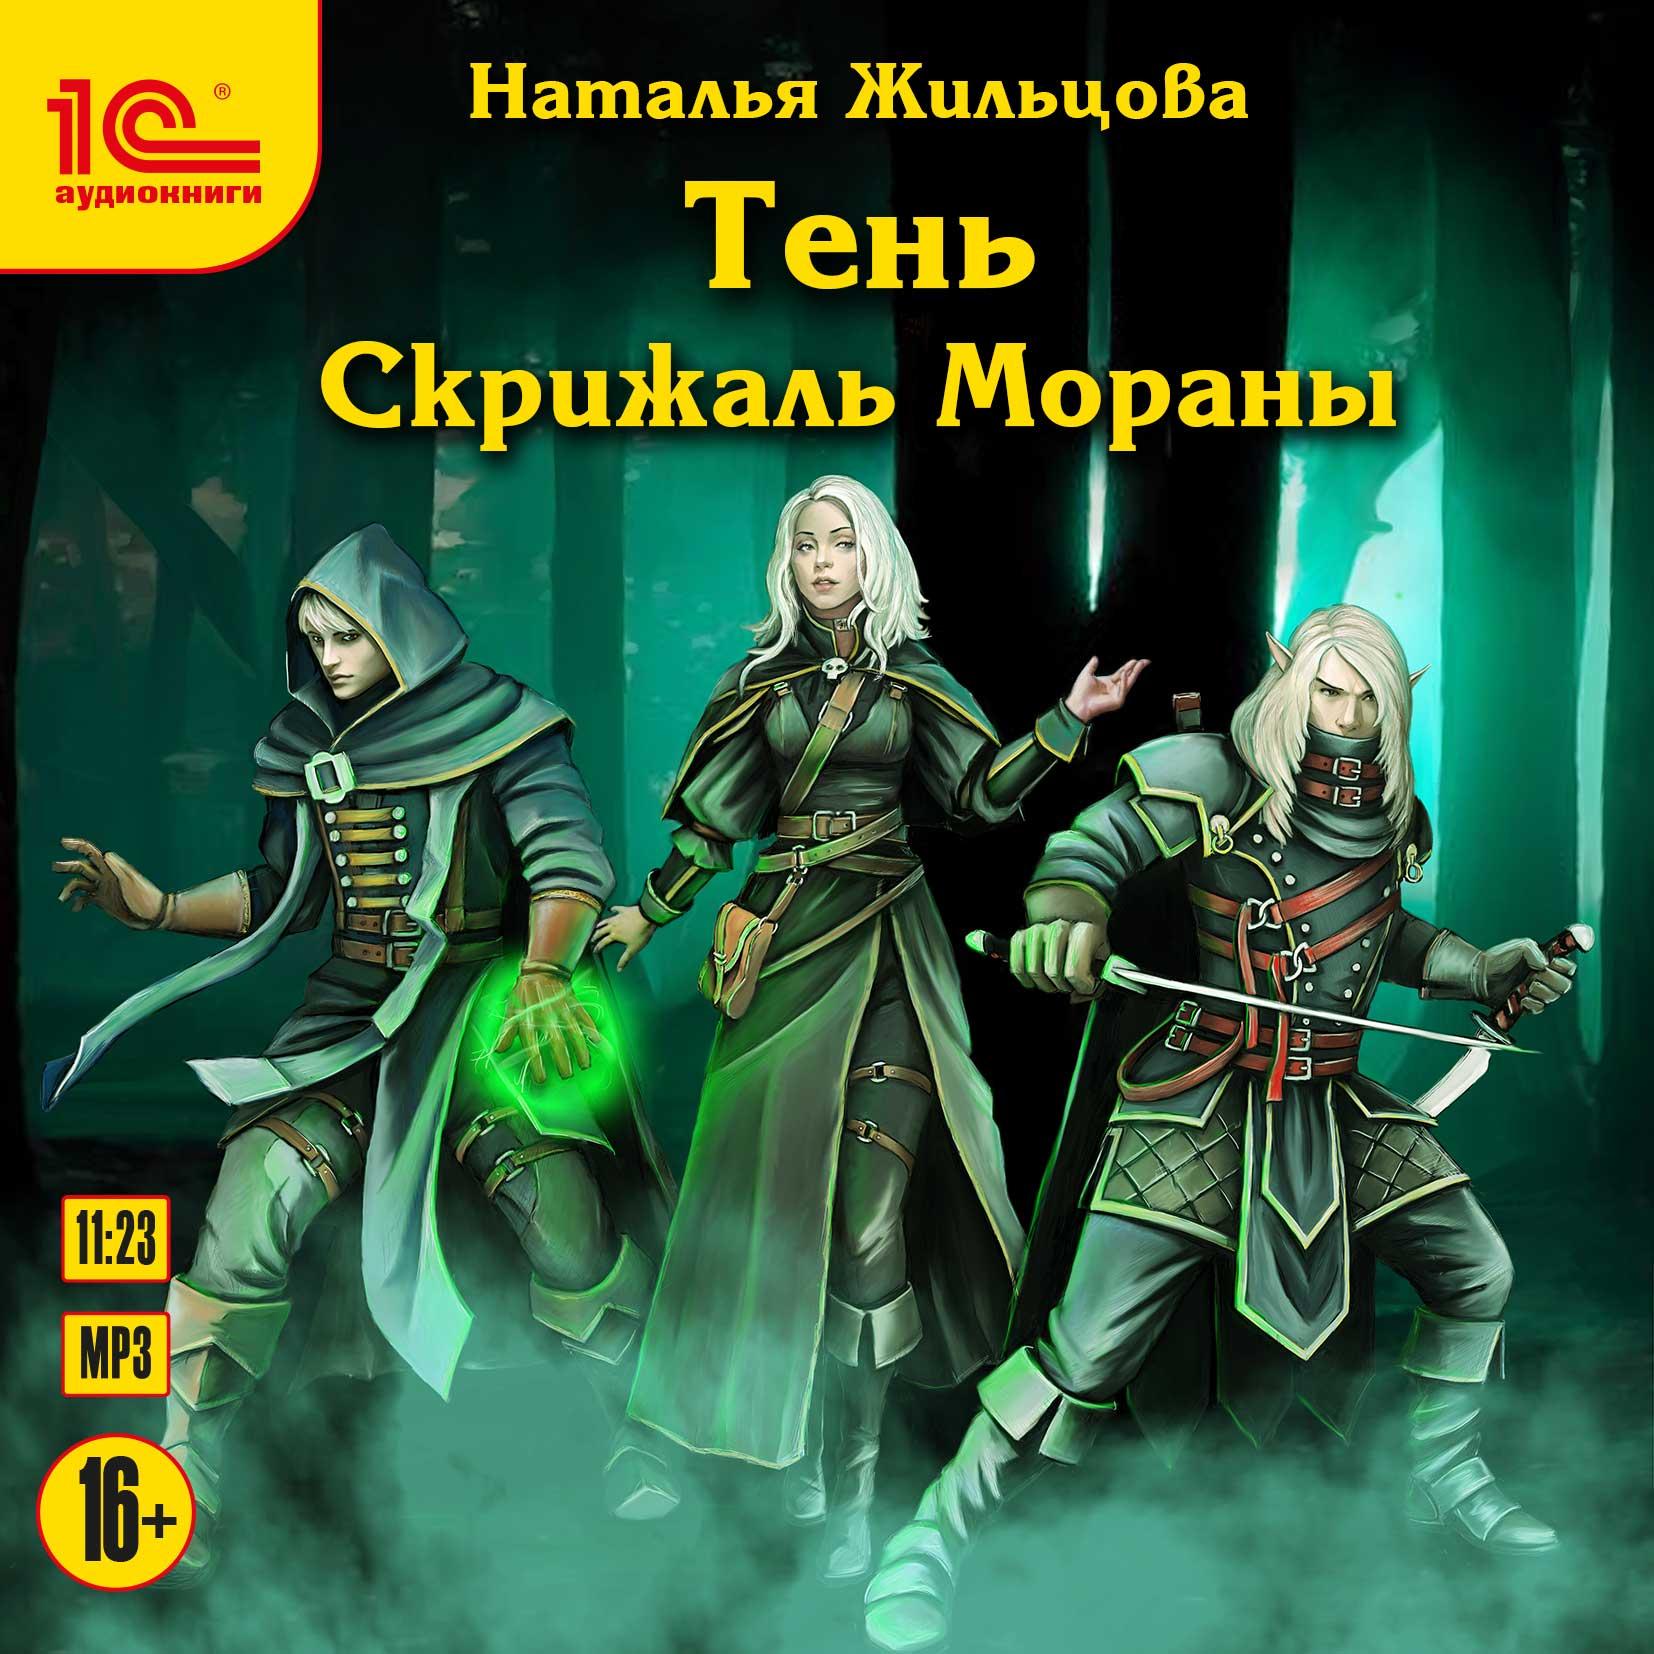 читать онлайн книгу отбор наталья жильцова